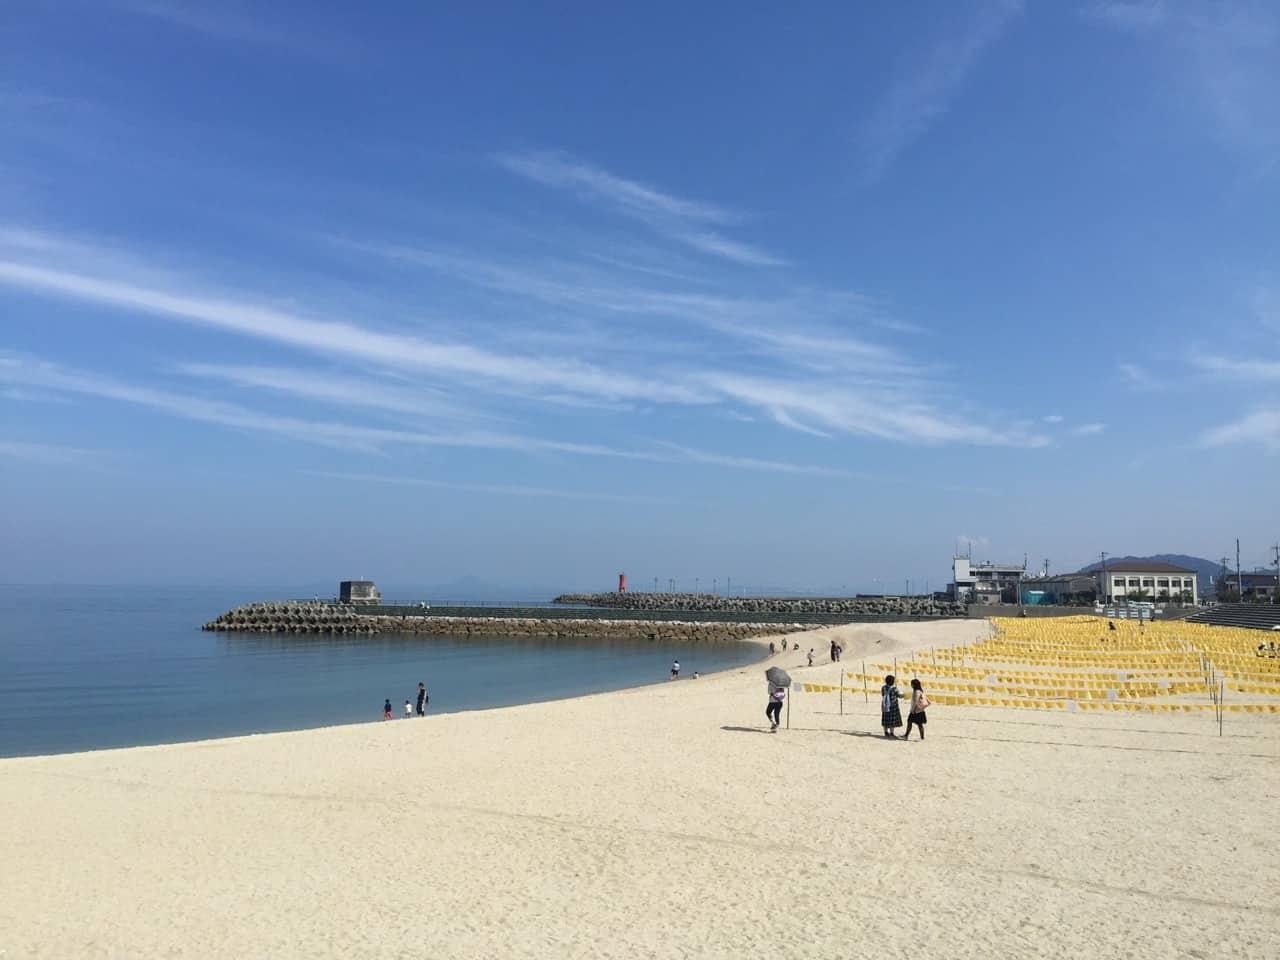 ฟุทามิ ซีไซด์ พาร์ค (Futami seaside park) จ. เอฮิเมะ (ehime)